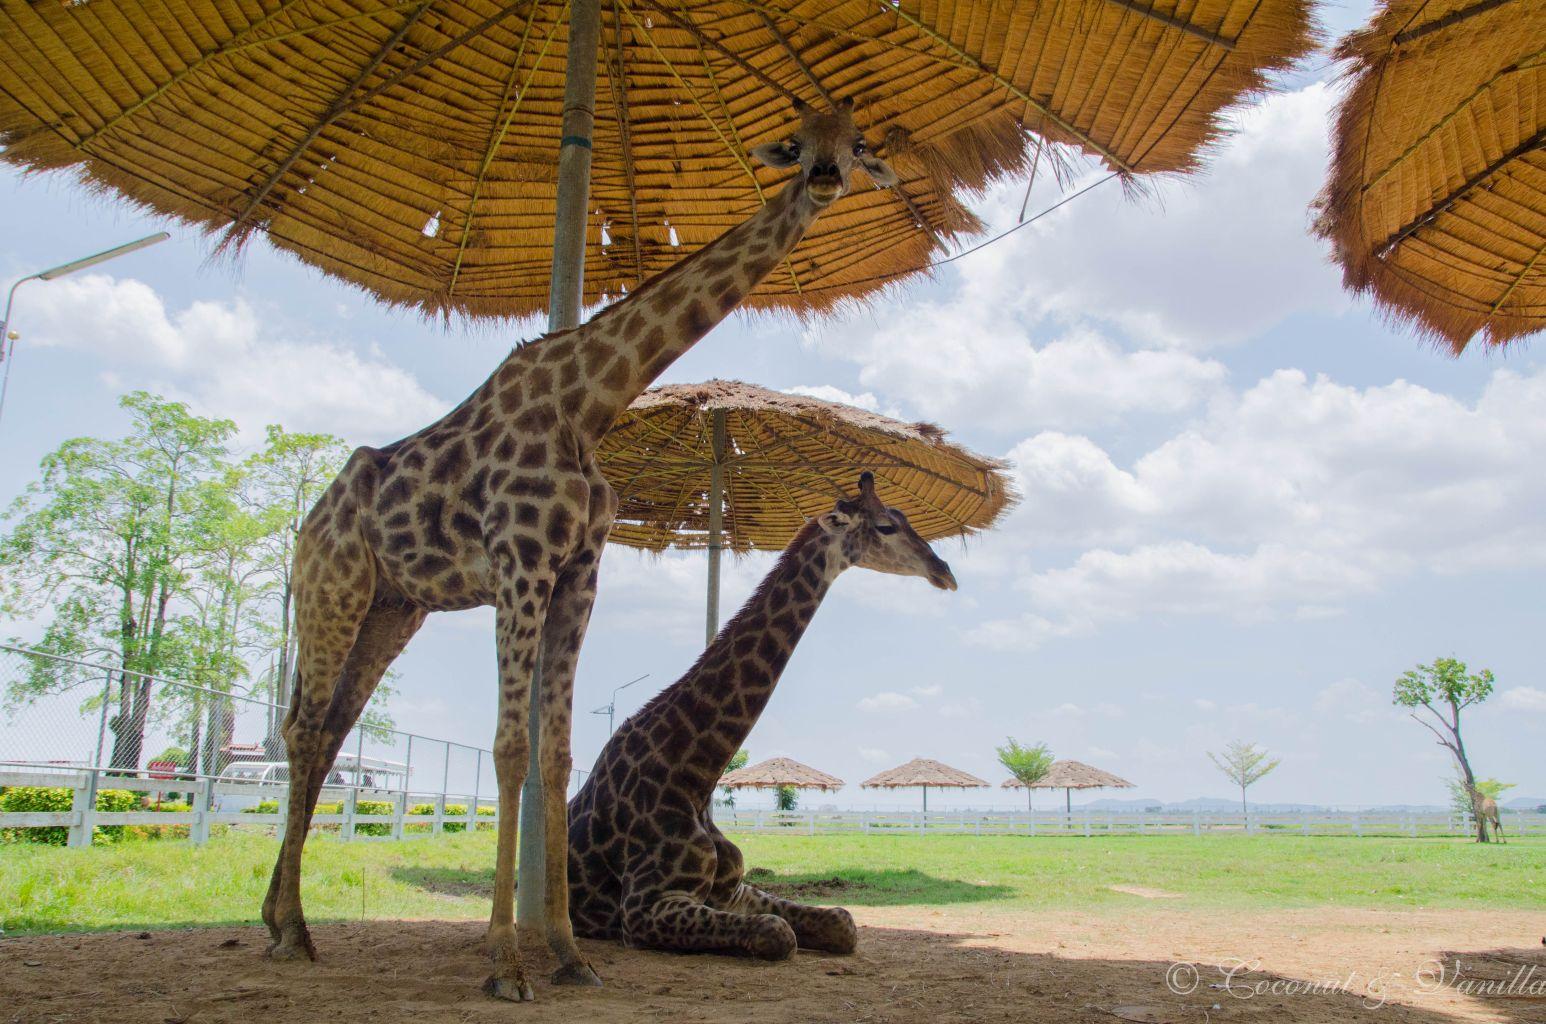 Giraffen am Flughafen Sukhothai by Coconut & Vanilla